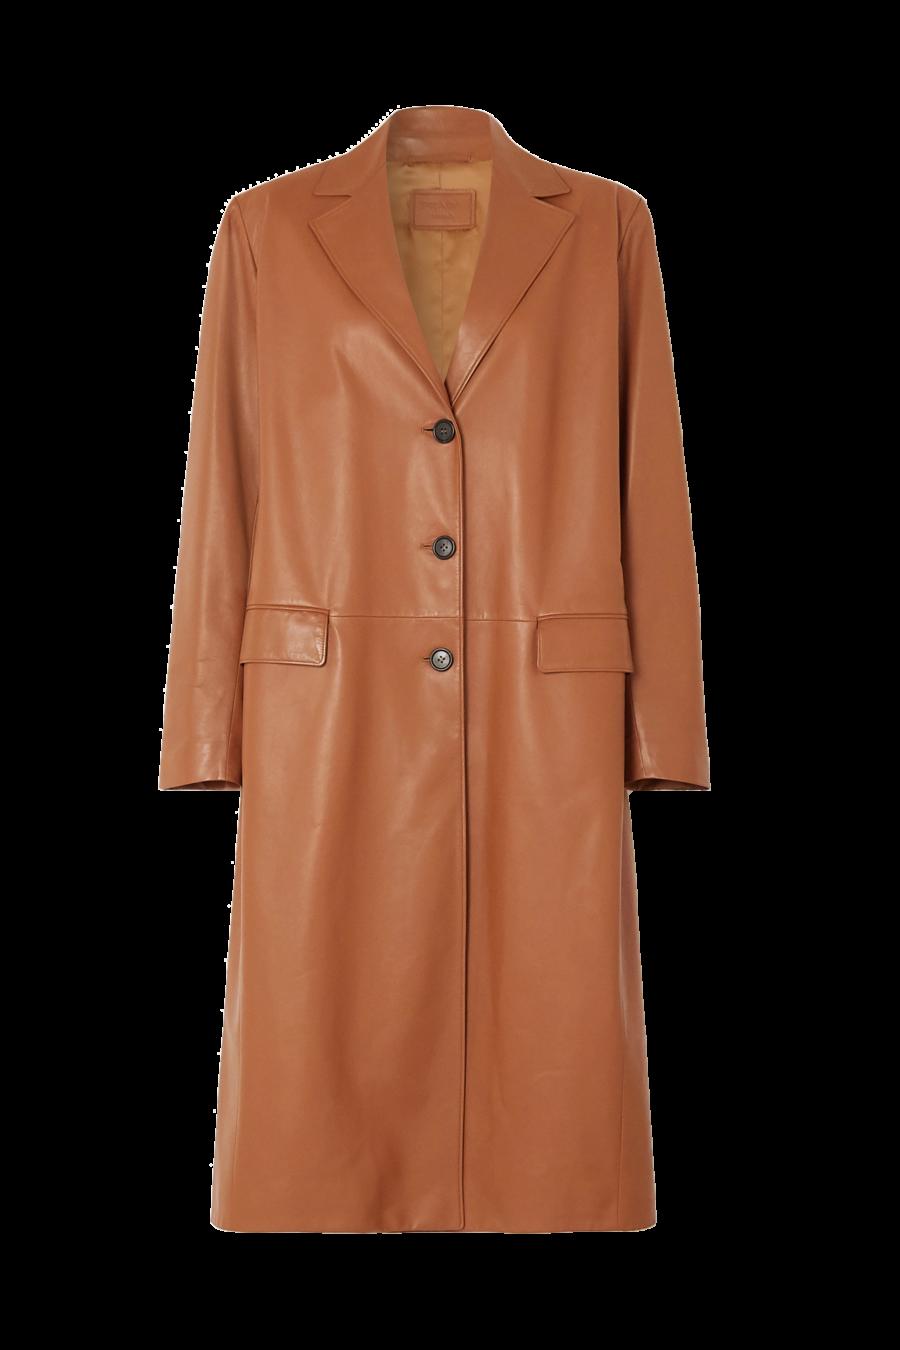 Prada Coat Suit Magazine